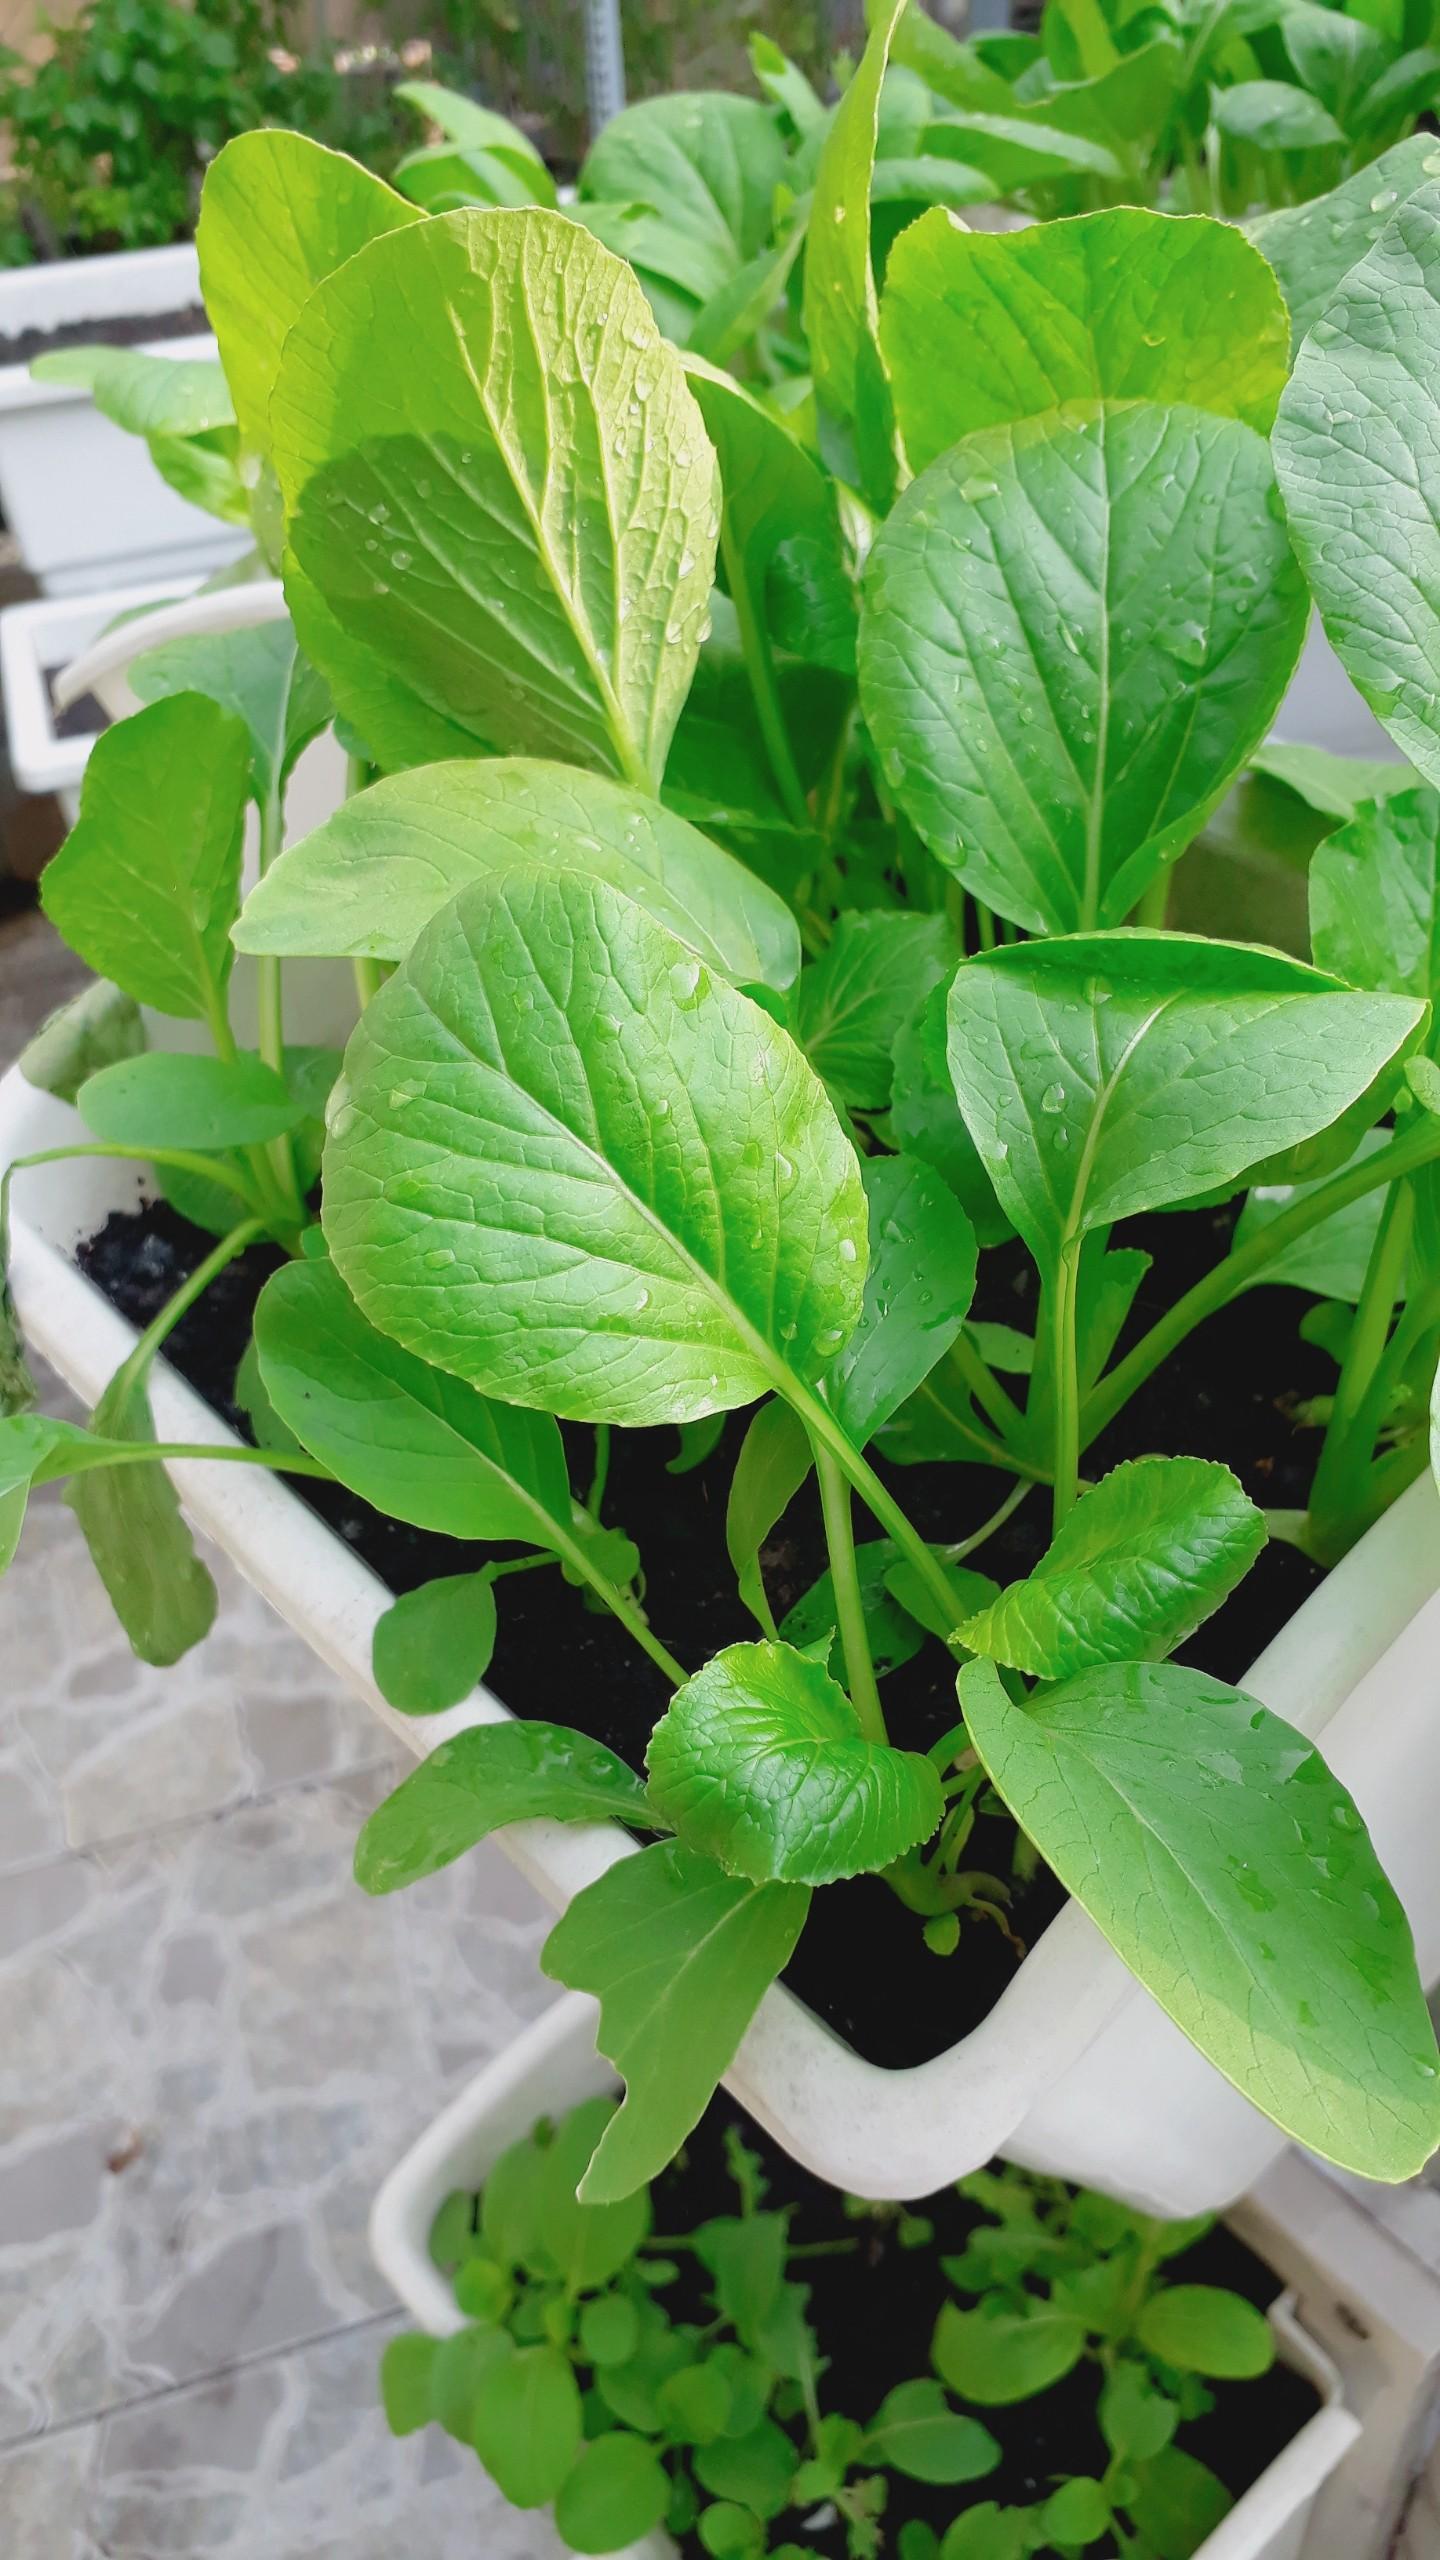 Kỹ thuật trồng rau sạch tại nhà hiệu quả nhất hiện nay-Mời các bạn đón xem